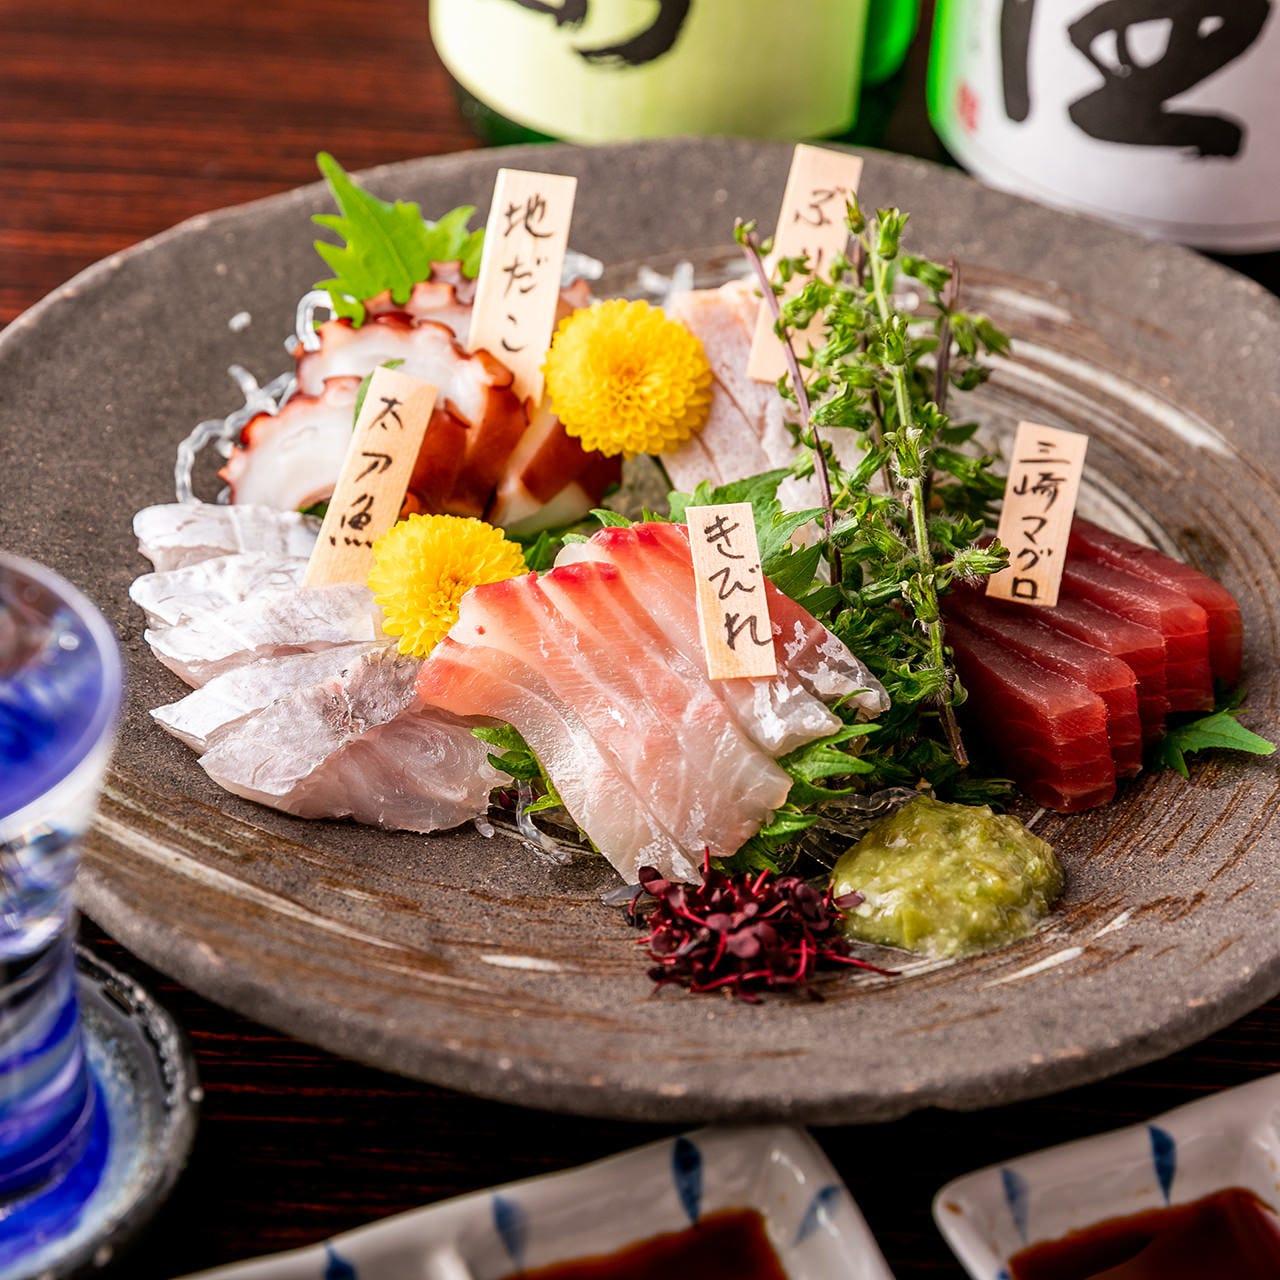 地元三浦半島の地魚を主に盛り合わせたお刺身盛り合わせ